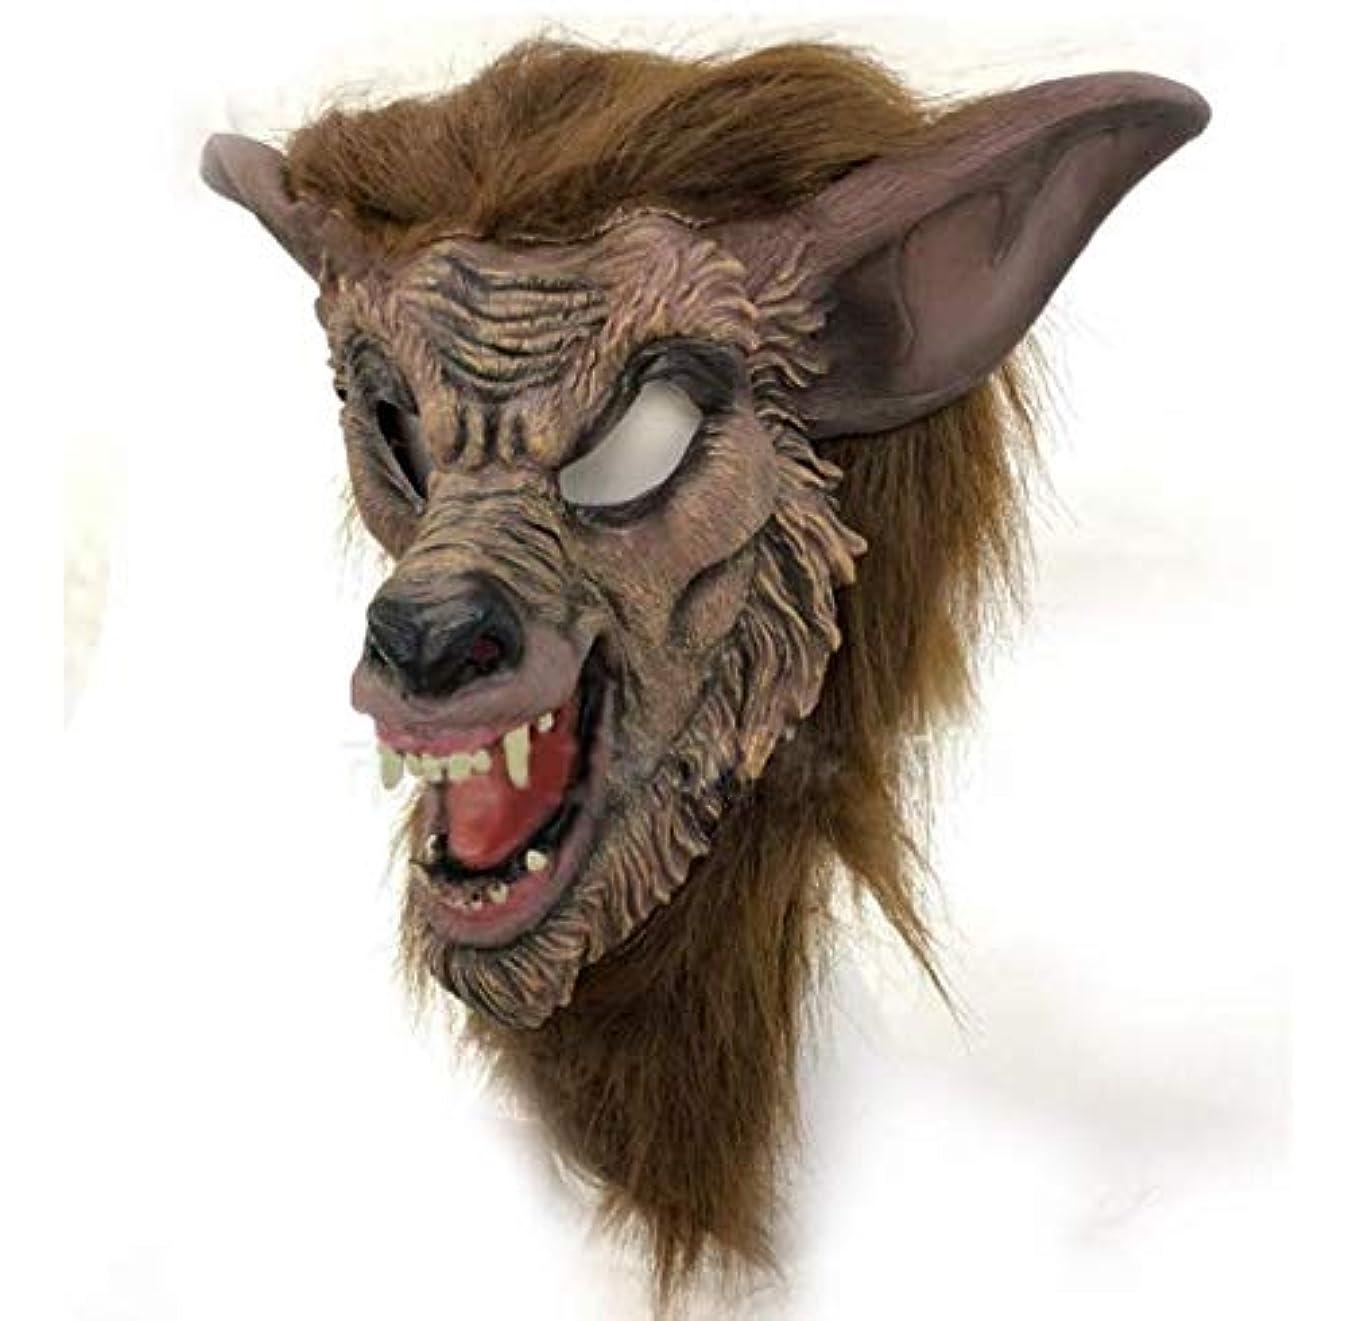 抹消それら爵ハロウィーン ホラーマスク 人狼 おしゃれ 動物 クリスマス 仮装 怖い 野獣 面白い 仮面 ラテックス コスプレマスク クール 狼 コスプレ小物 毛つき かつら 肝試し 演劇 パーティー バー